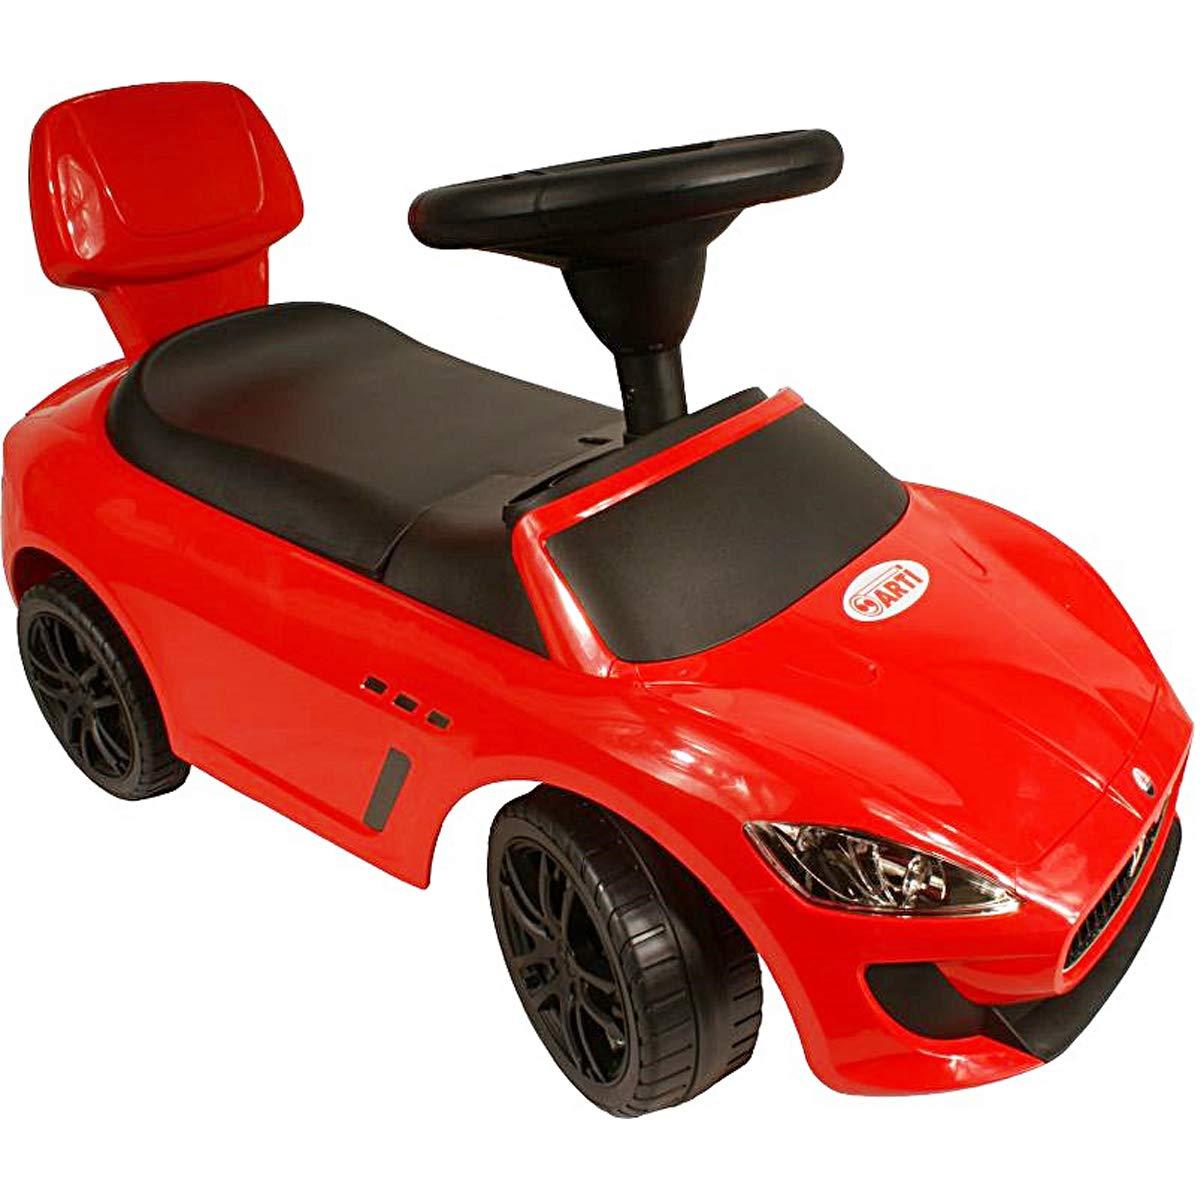 353 Rutscher Kinder Auto Kinderauto Rutschauto Aufsitz-Auto Kinderfahrzeug (Rot)